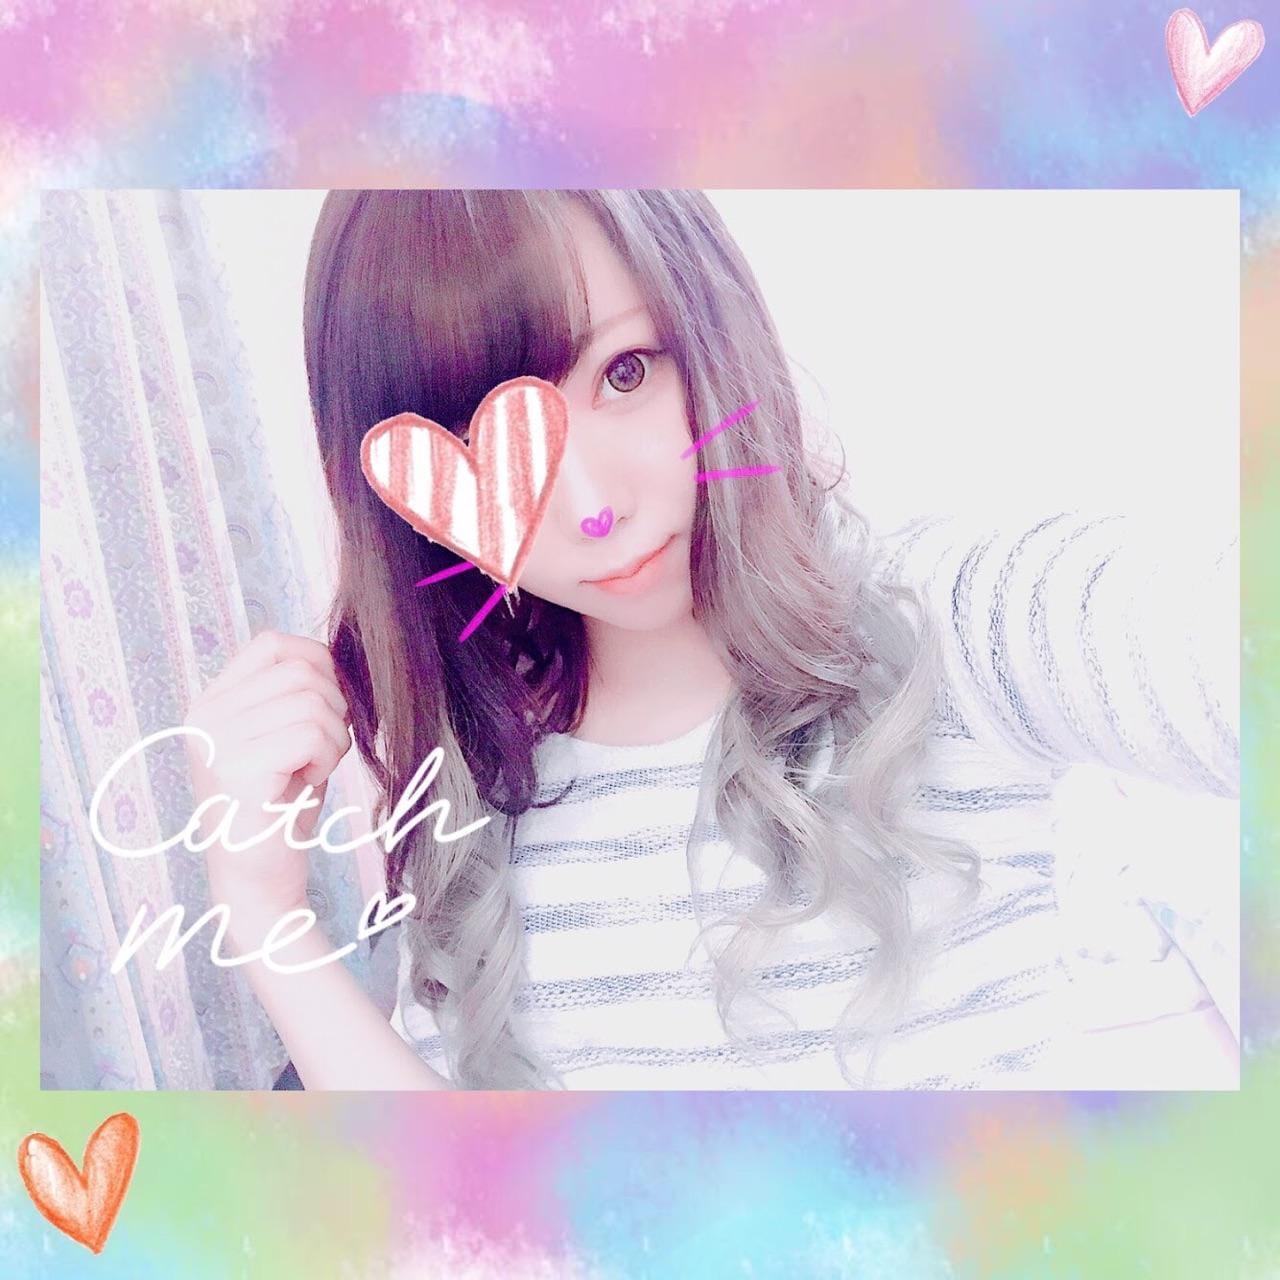 「*今日から*」09/09(09/09) 17:44   神野じぇむ.の写メ・風俗動画